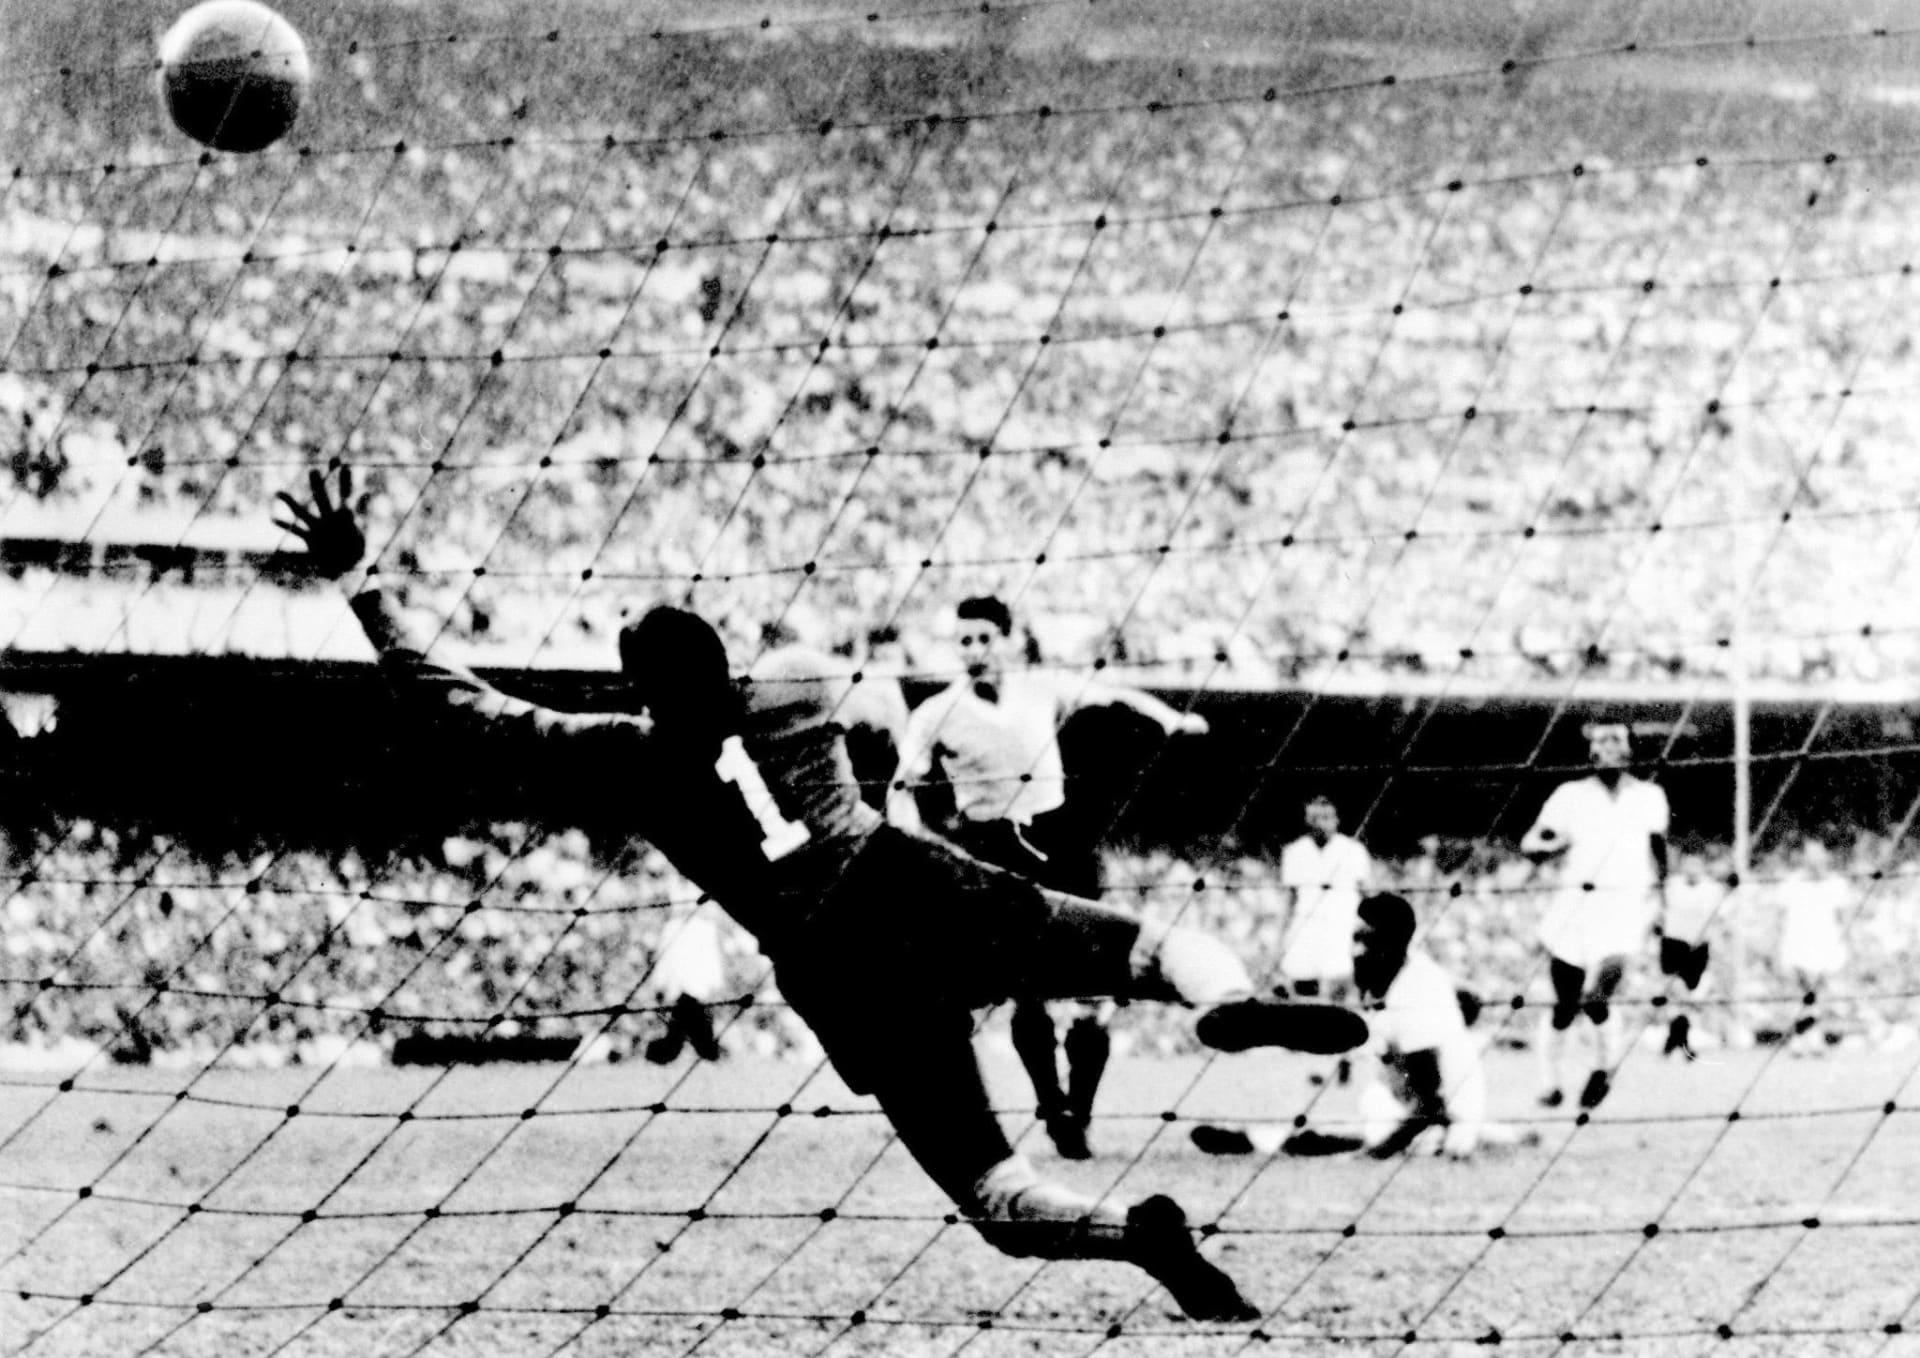 حكاية مونديال 1950.. البرازيل تخسر اللقب على أرضها وحارسها يعيش مأساة